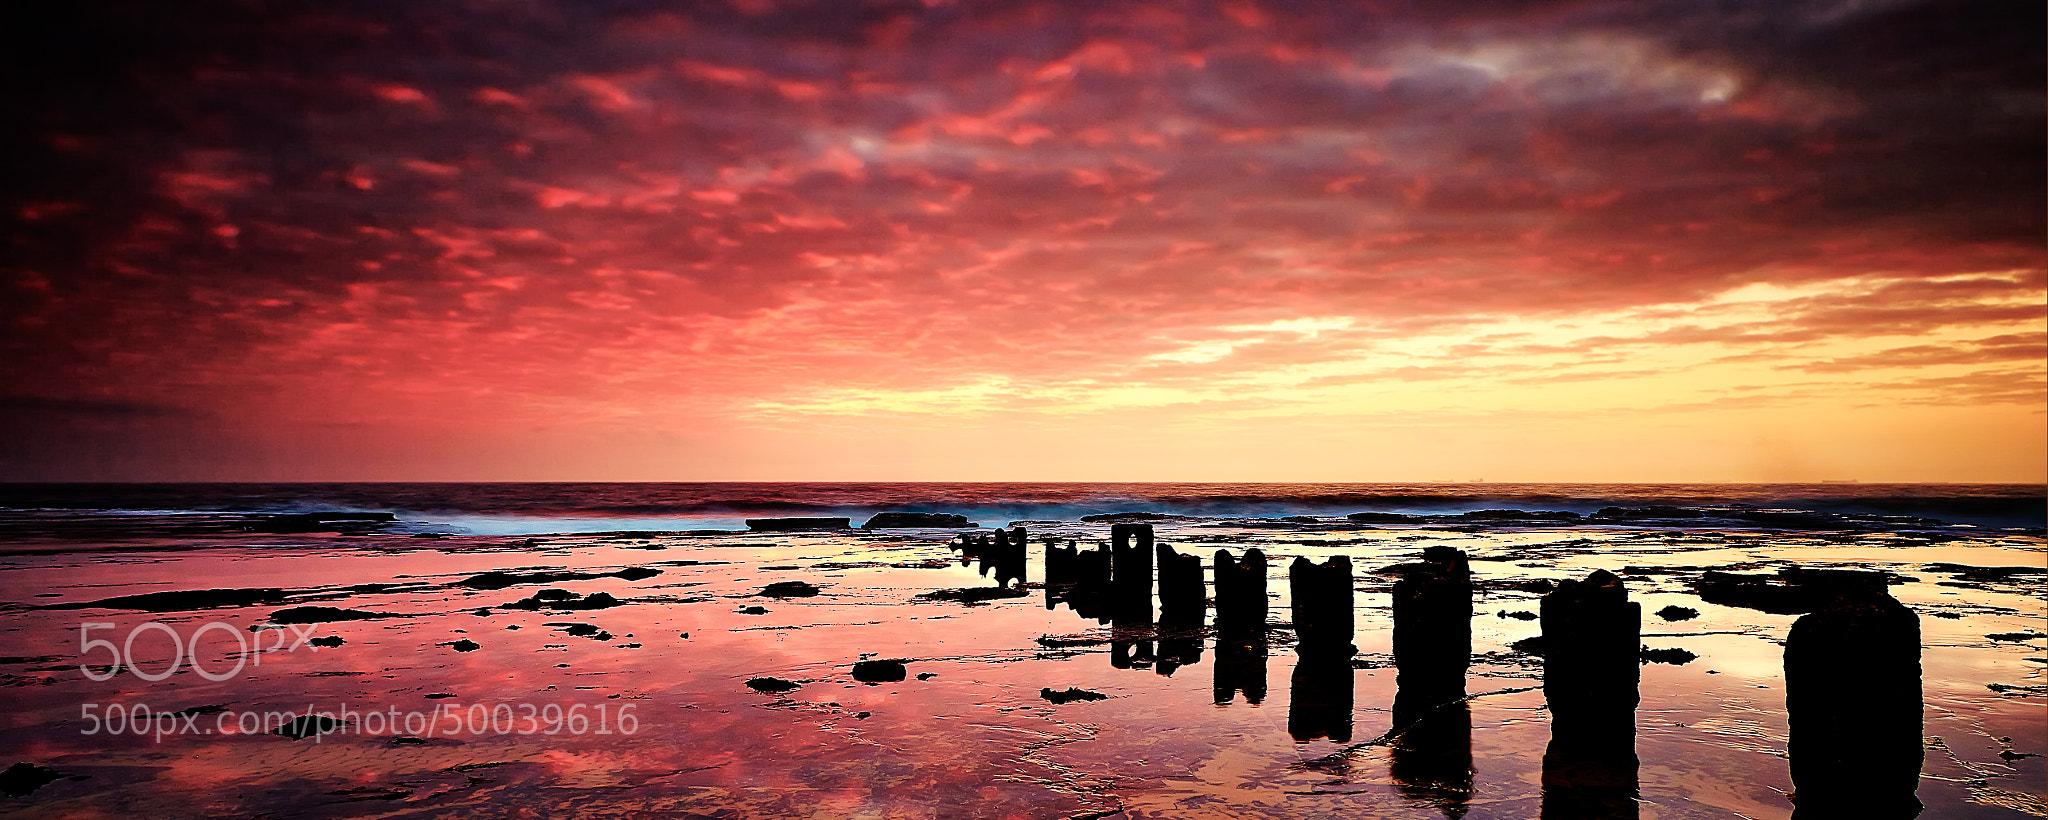 Photograph Fire Sky by Mark Dunham on 500px